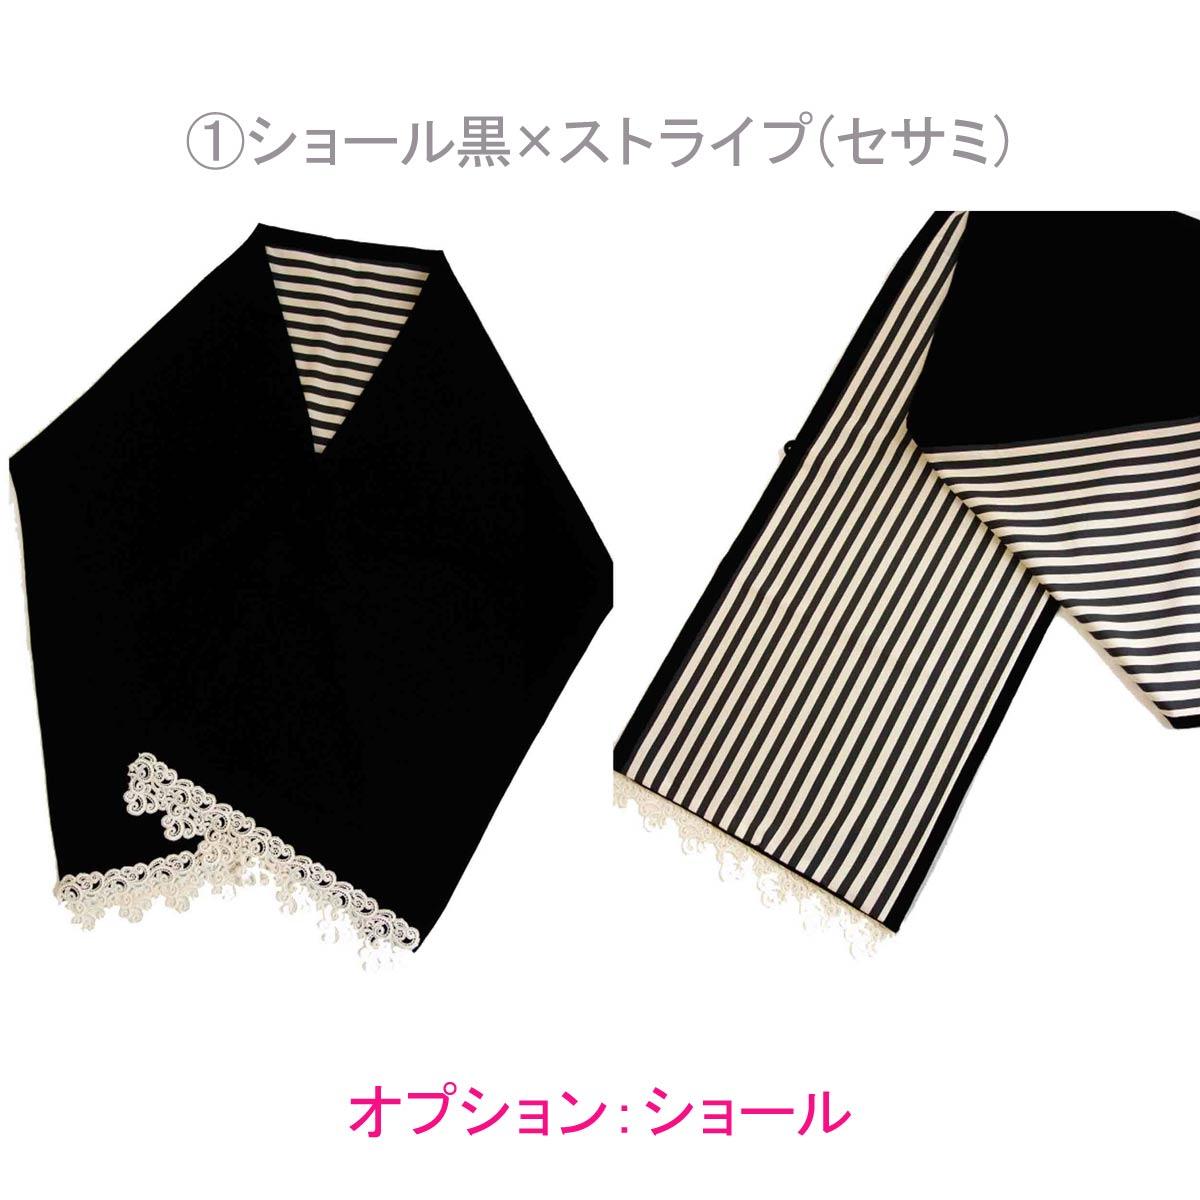 【レンタル】袴 キャンディ*ストライプ セサミ